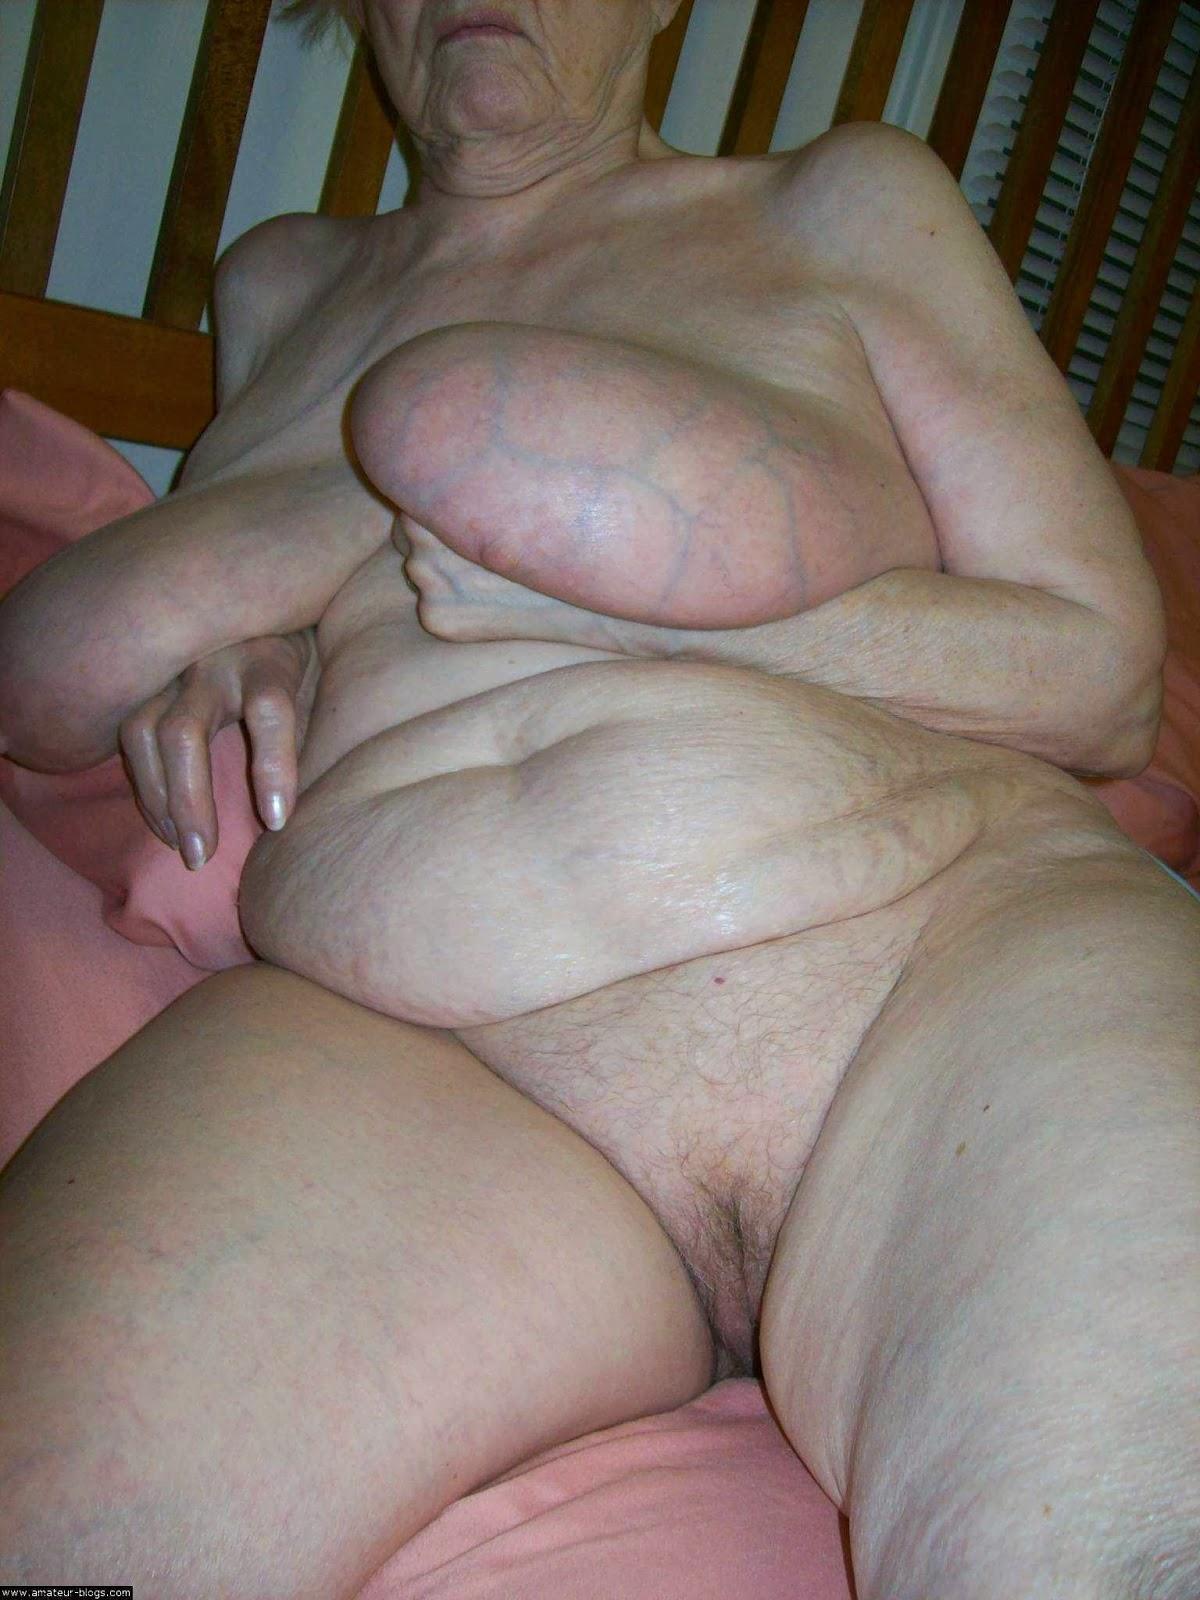 I love mature boobies